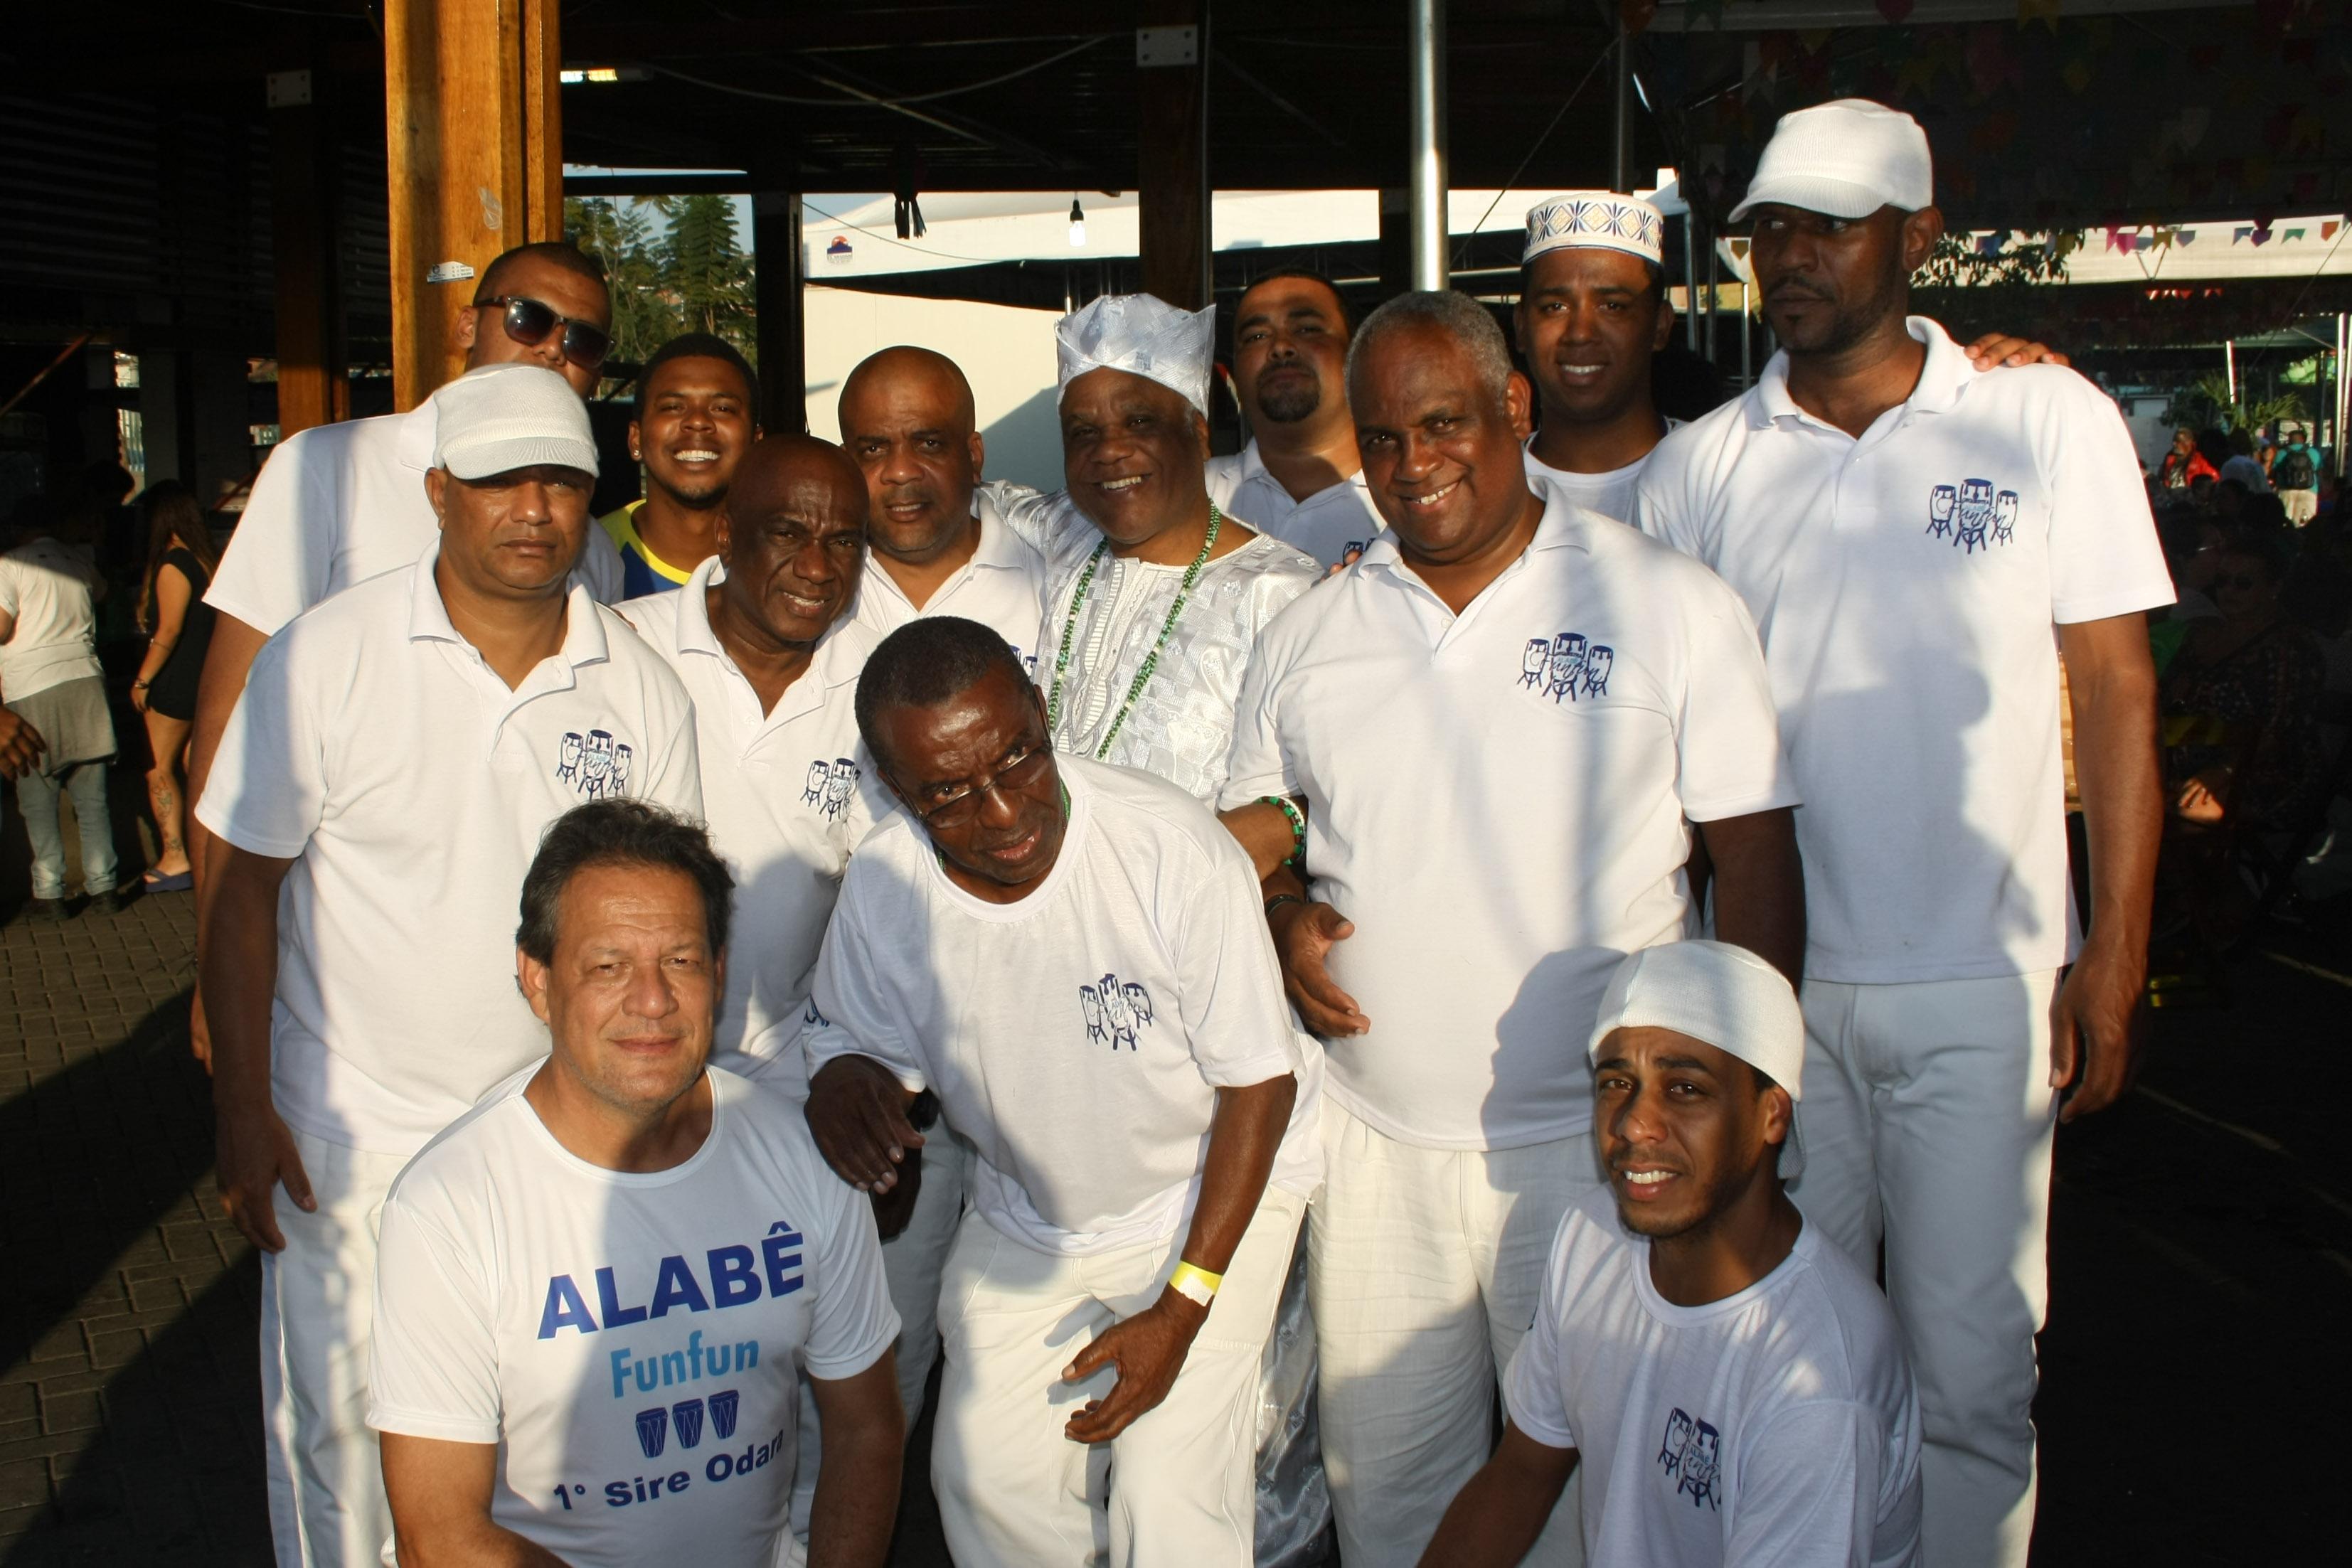 - Ivanir com Orquestra Alabe Fun Fun